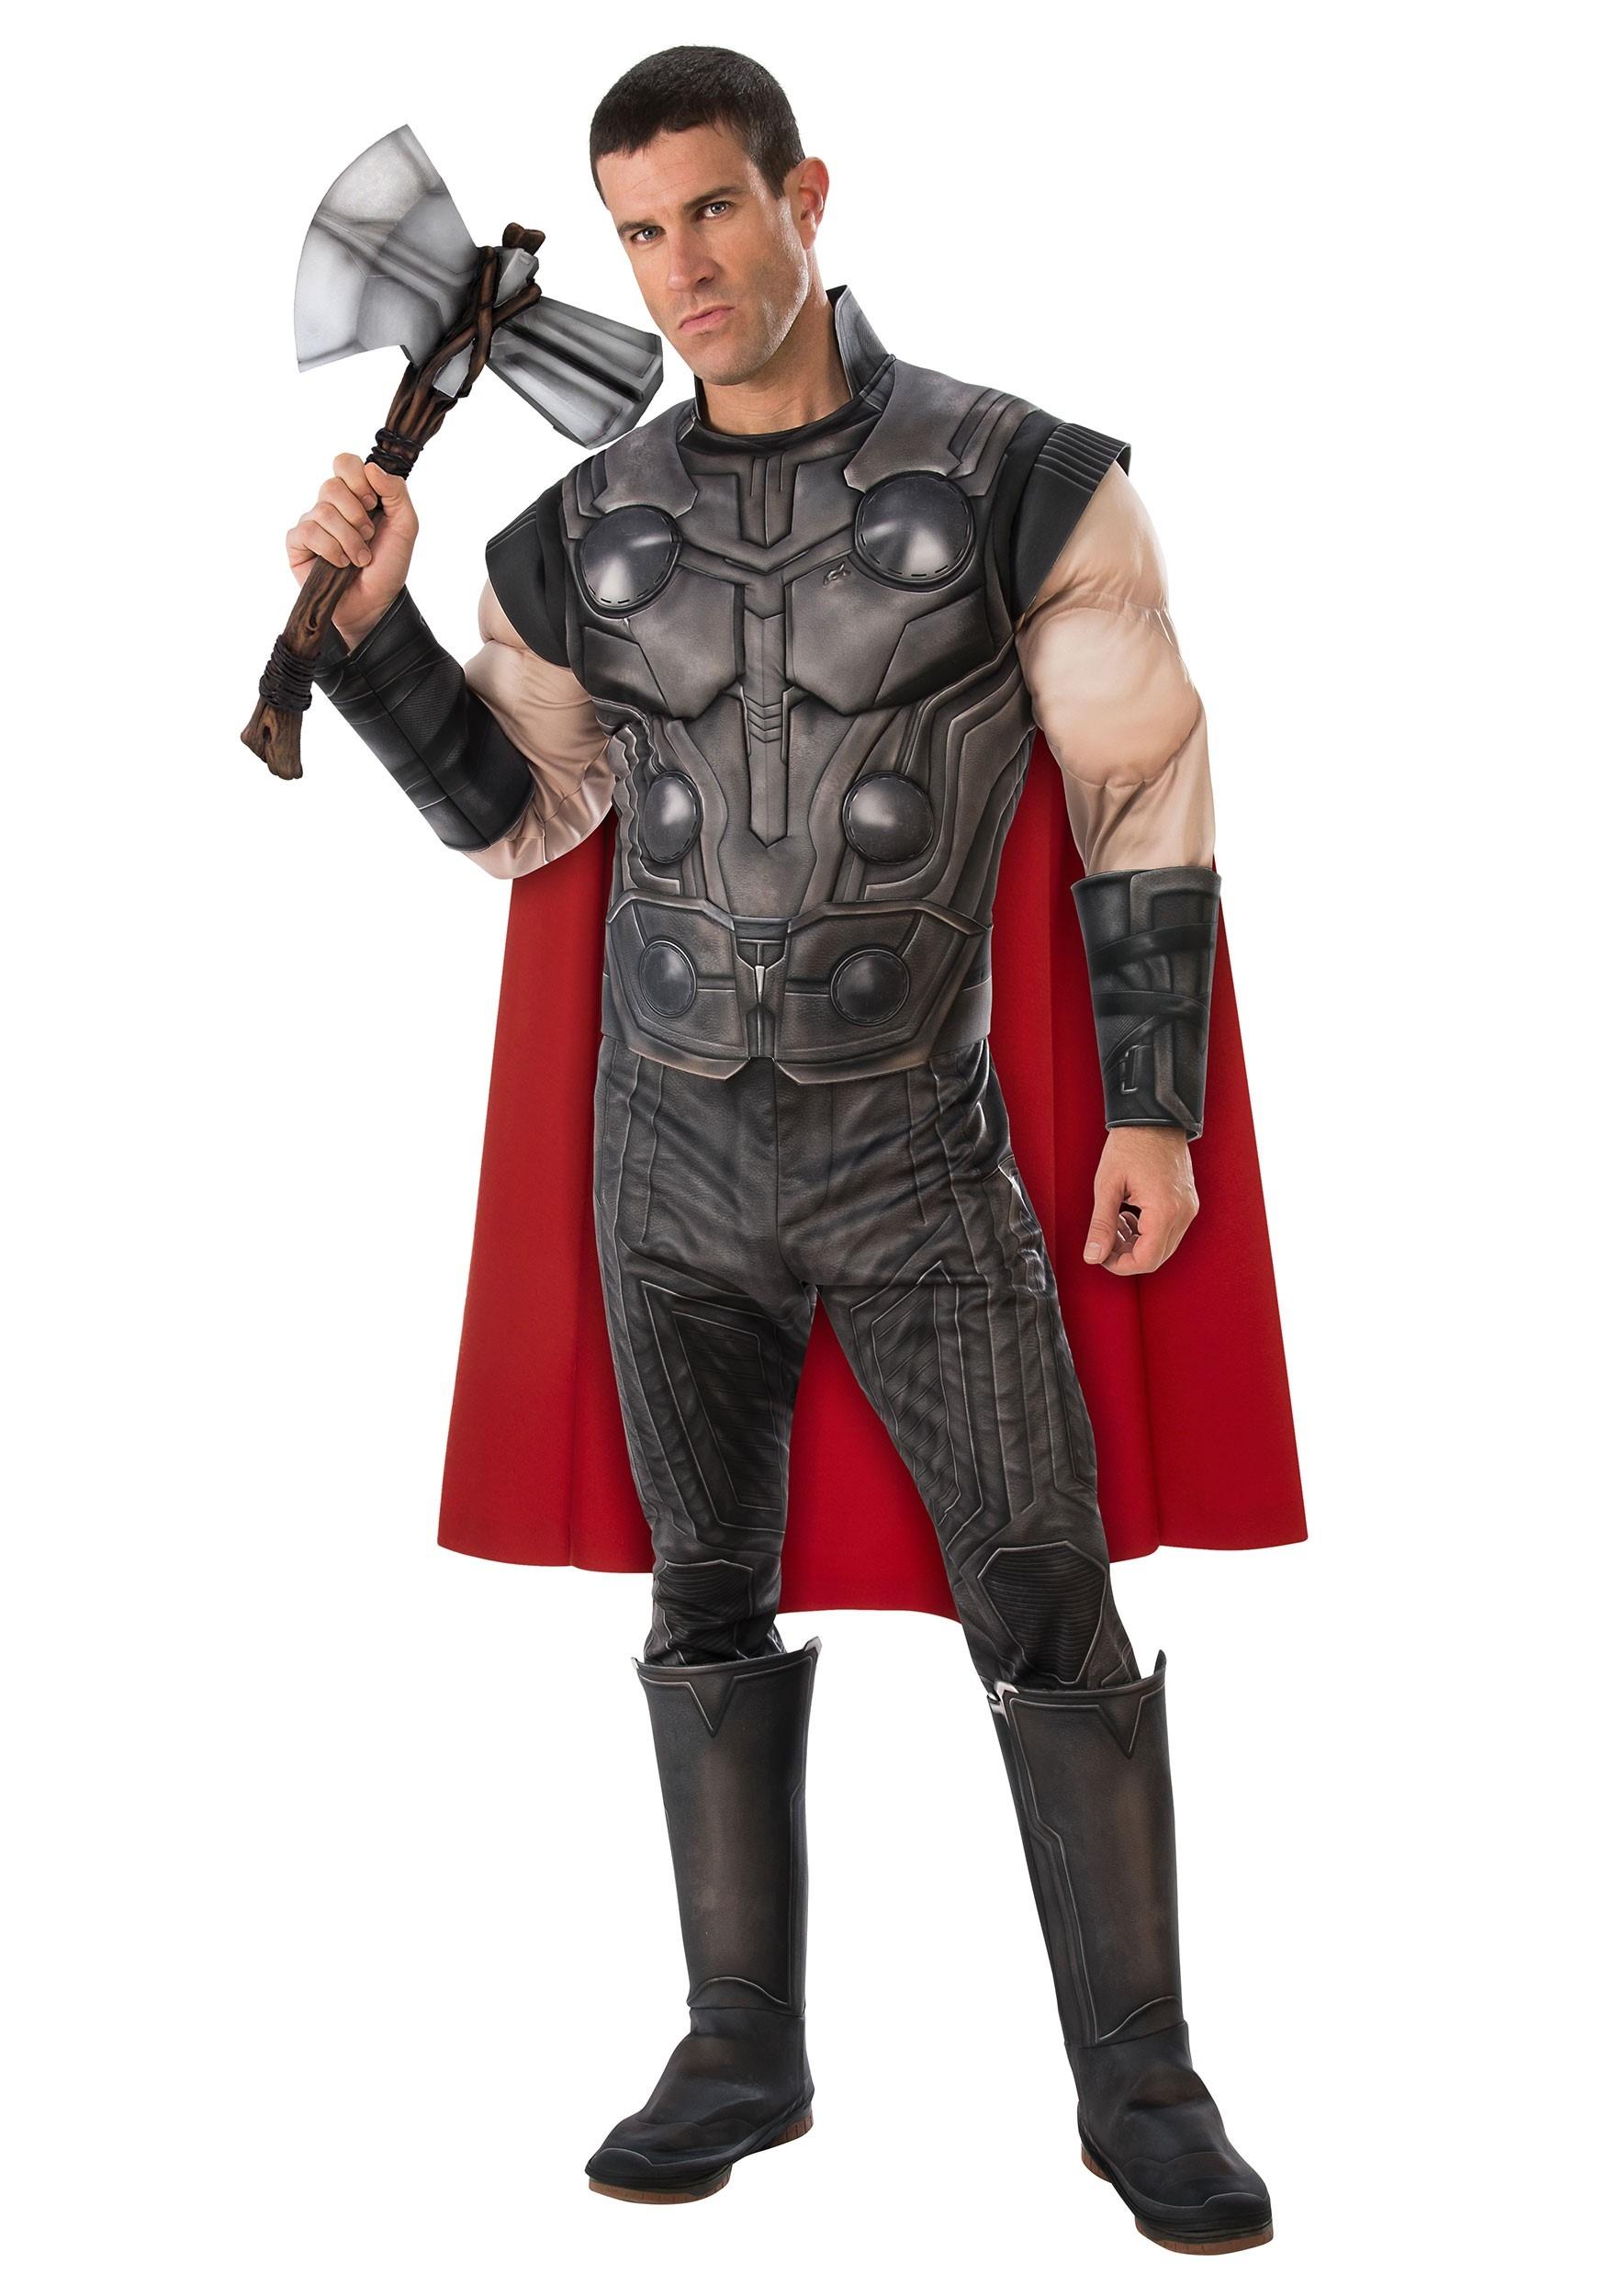 Deluxe Avengers Endgame Thor Costume for Men